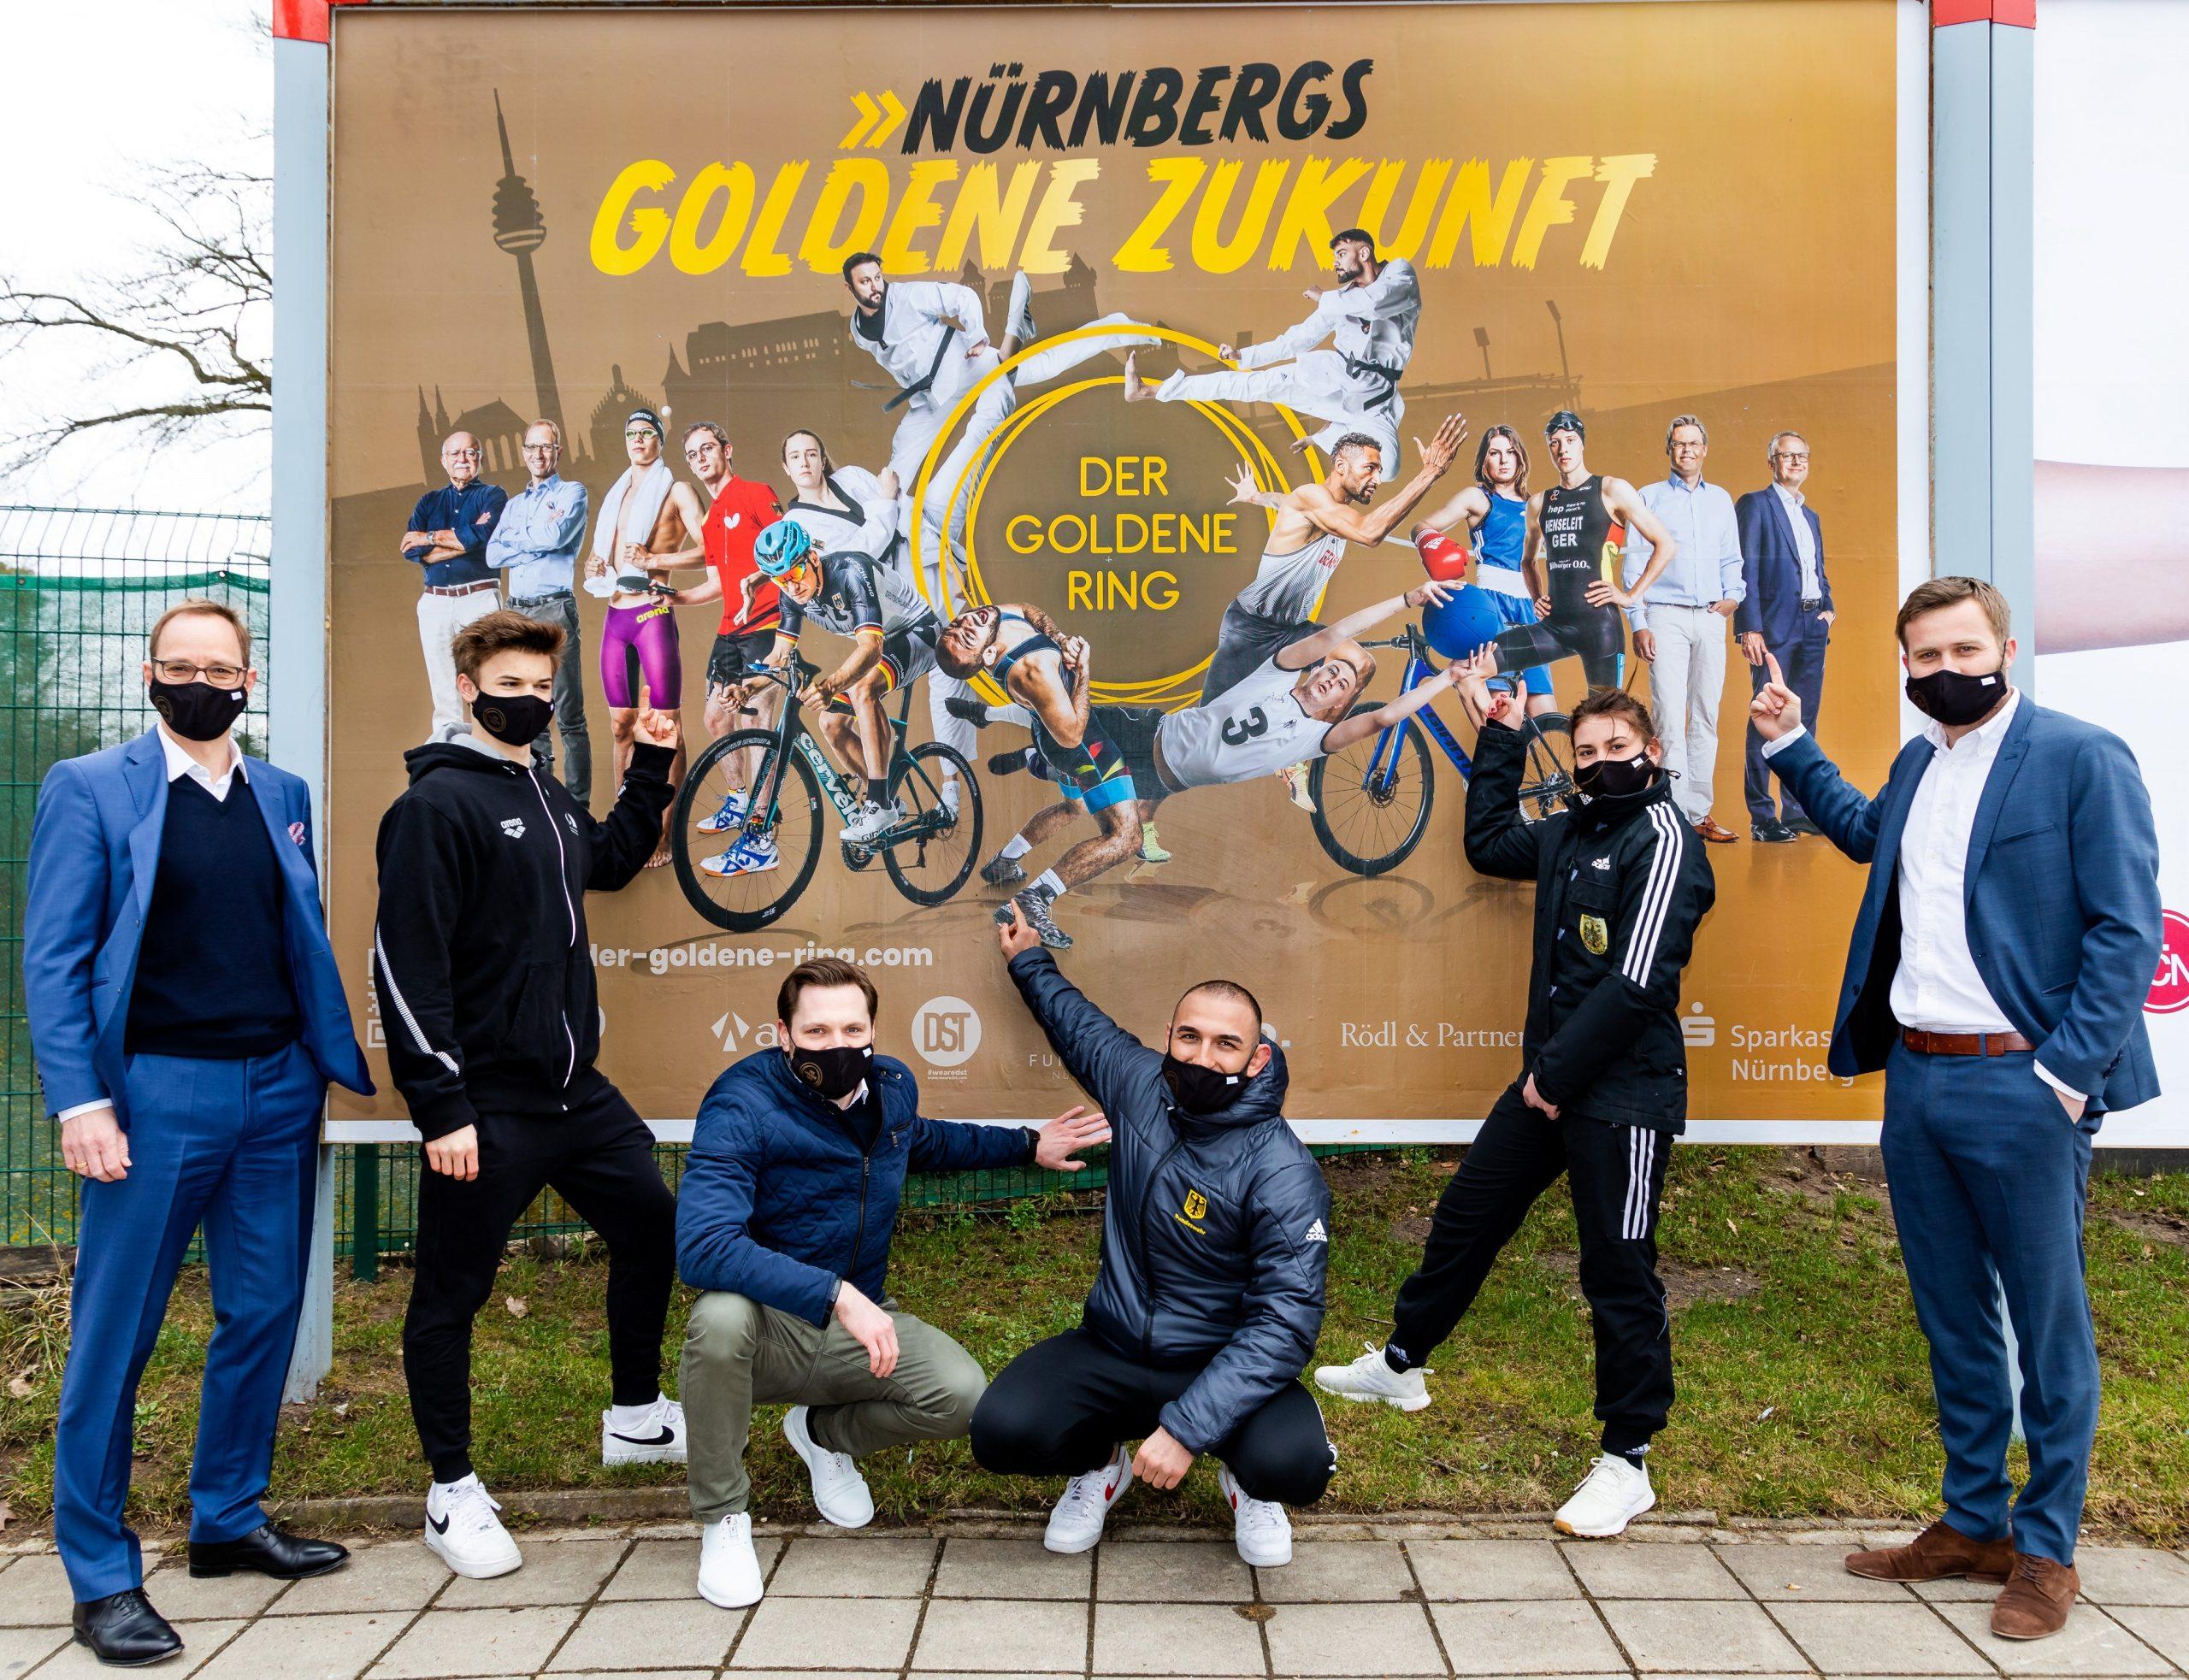 """Der GOLDENE RING präsentiert das Hauptmotiv seiner Kommunikationskampagne """"Nürnbergs GOLDENE Zukunft"""""""